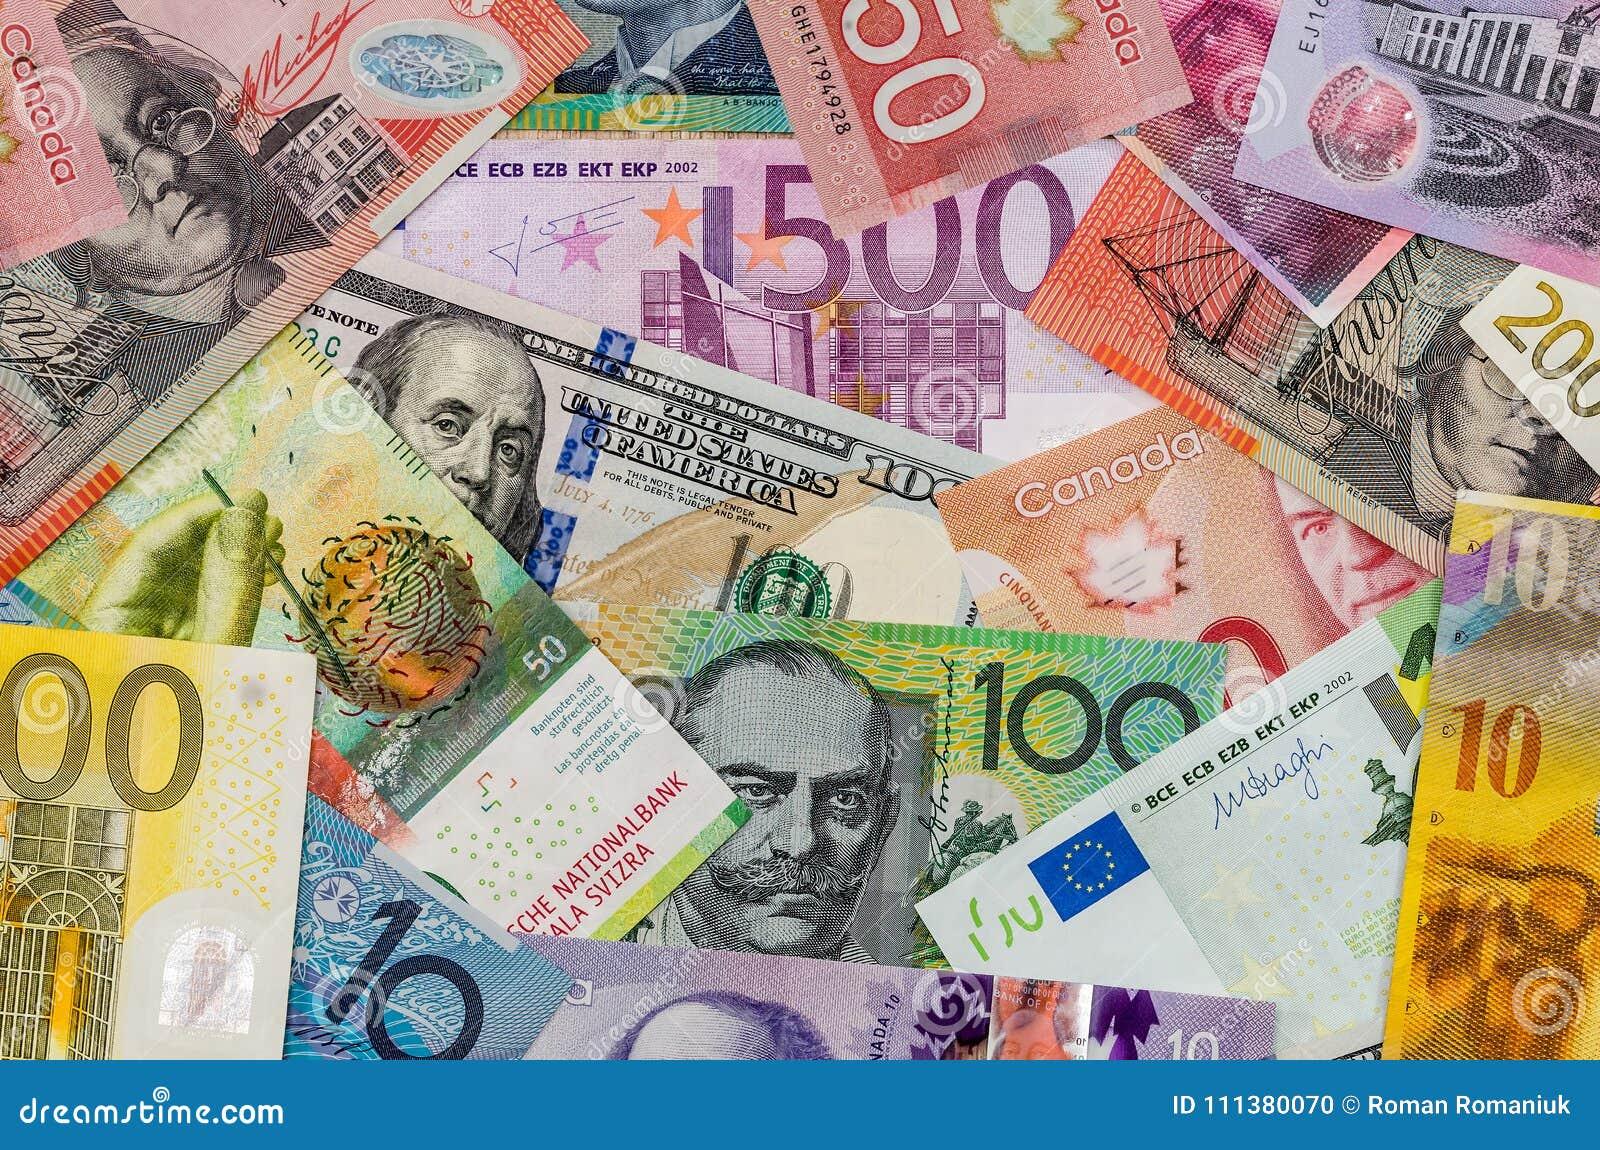 Αμερικανικά δολάρια, ευρωπαϊκό ευρο-, ελβετικό φράγκο, καναδικό δολάριο, αυστραλιανό δολάριο